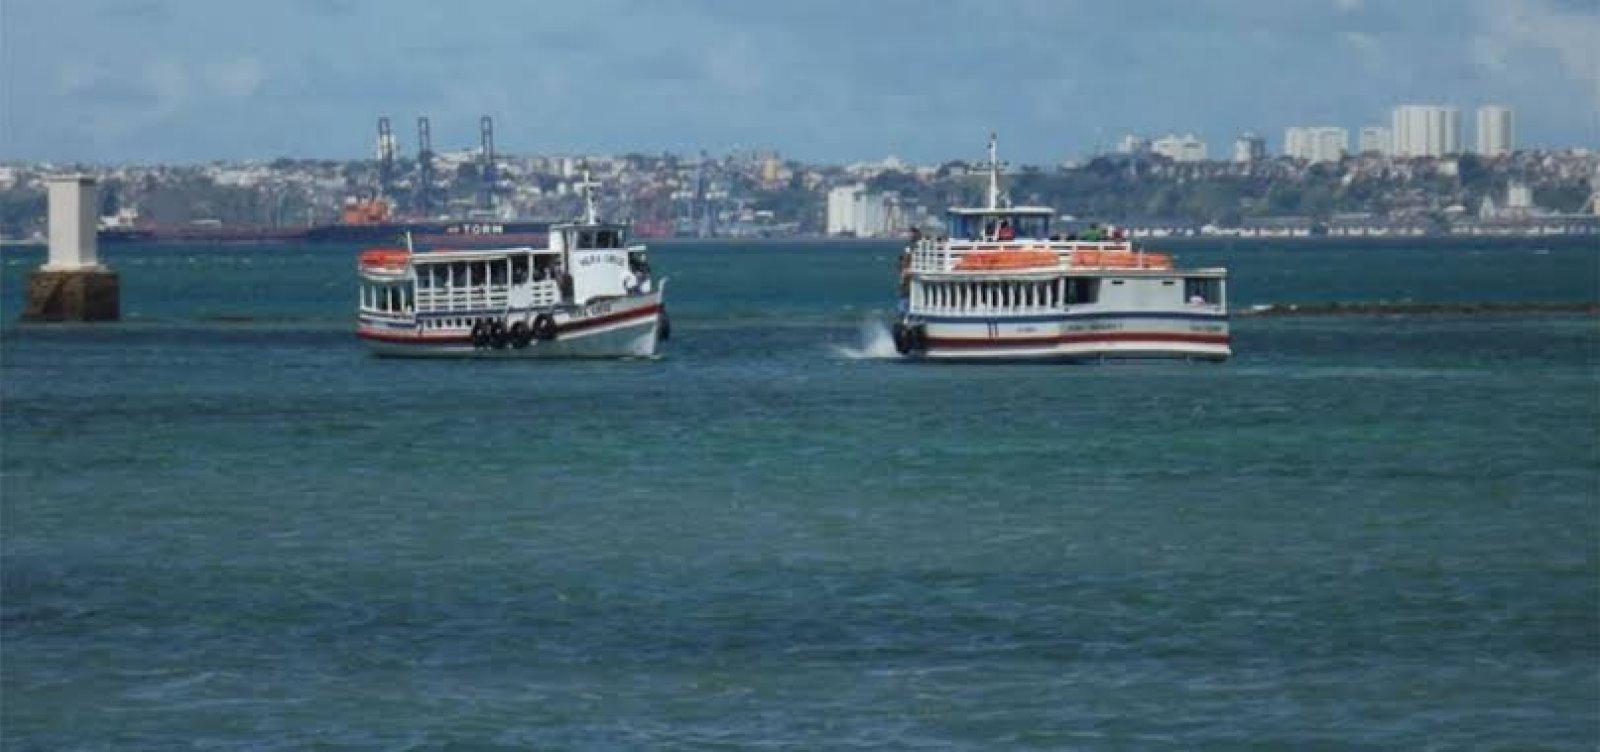 Travessia Salvador-Mar Grande opera com oito embarcações e saída de hora em hora